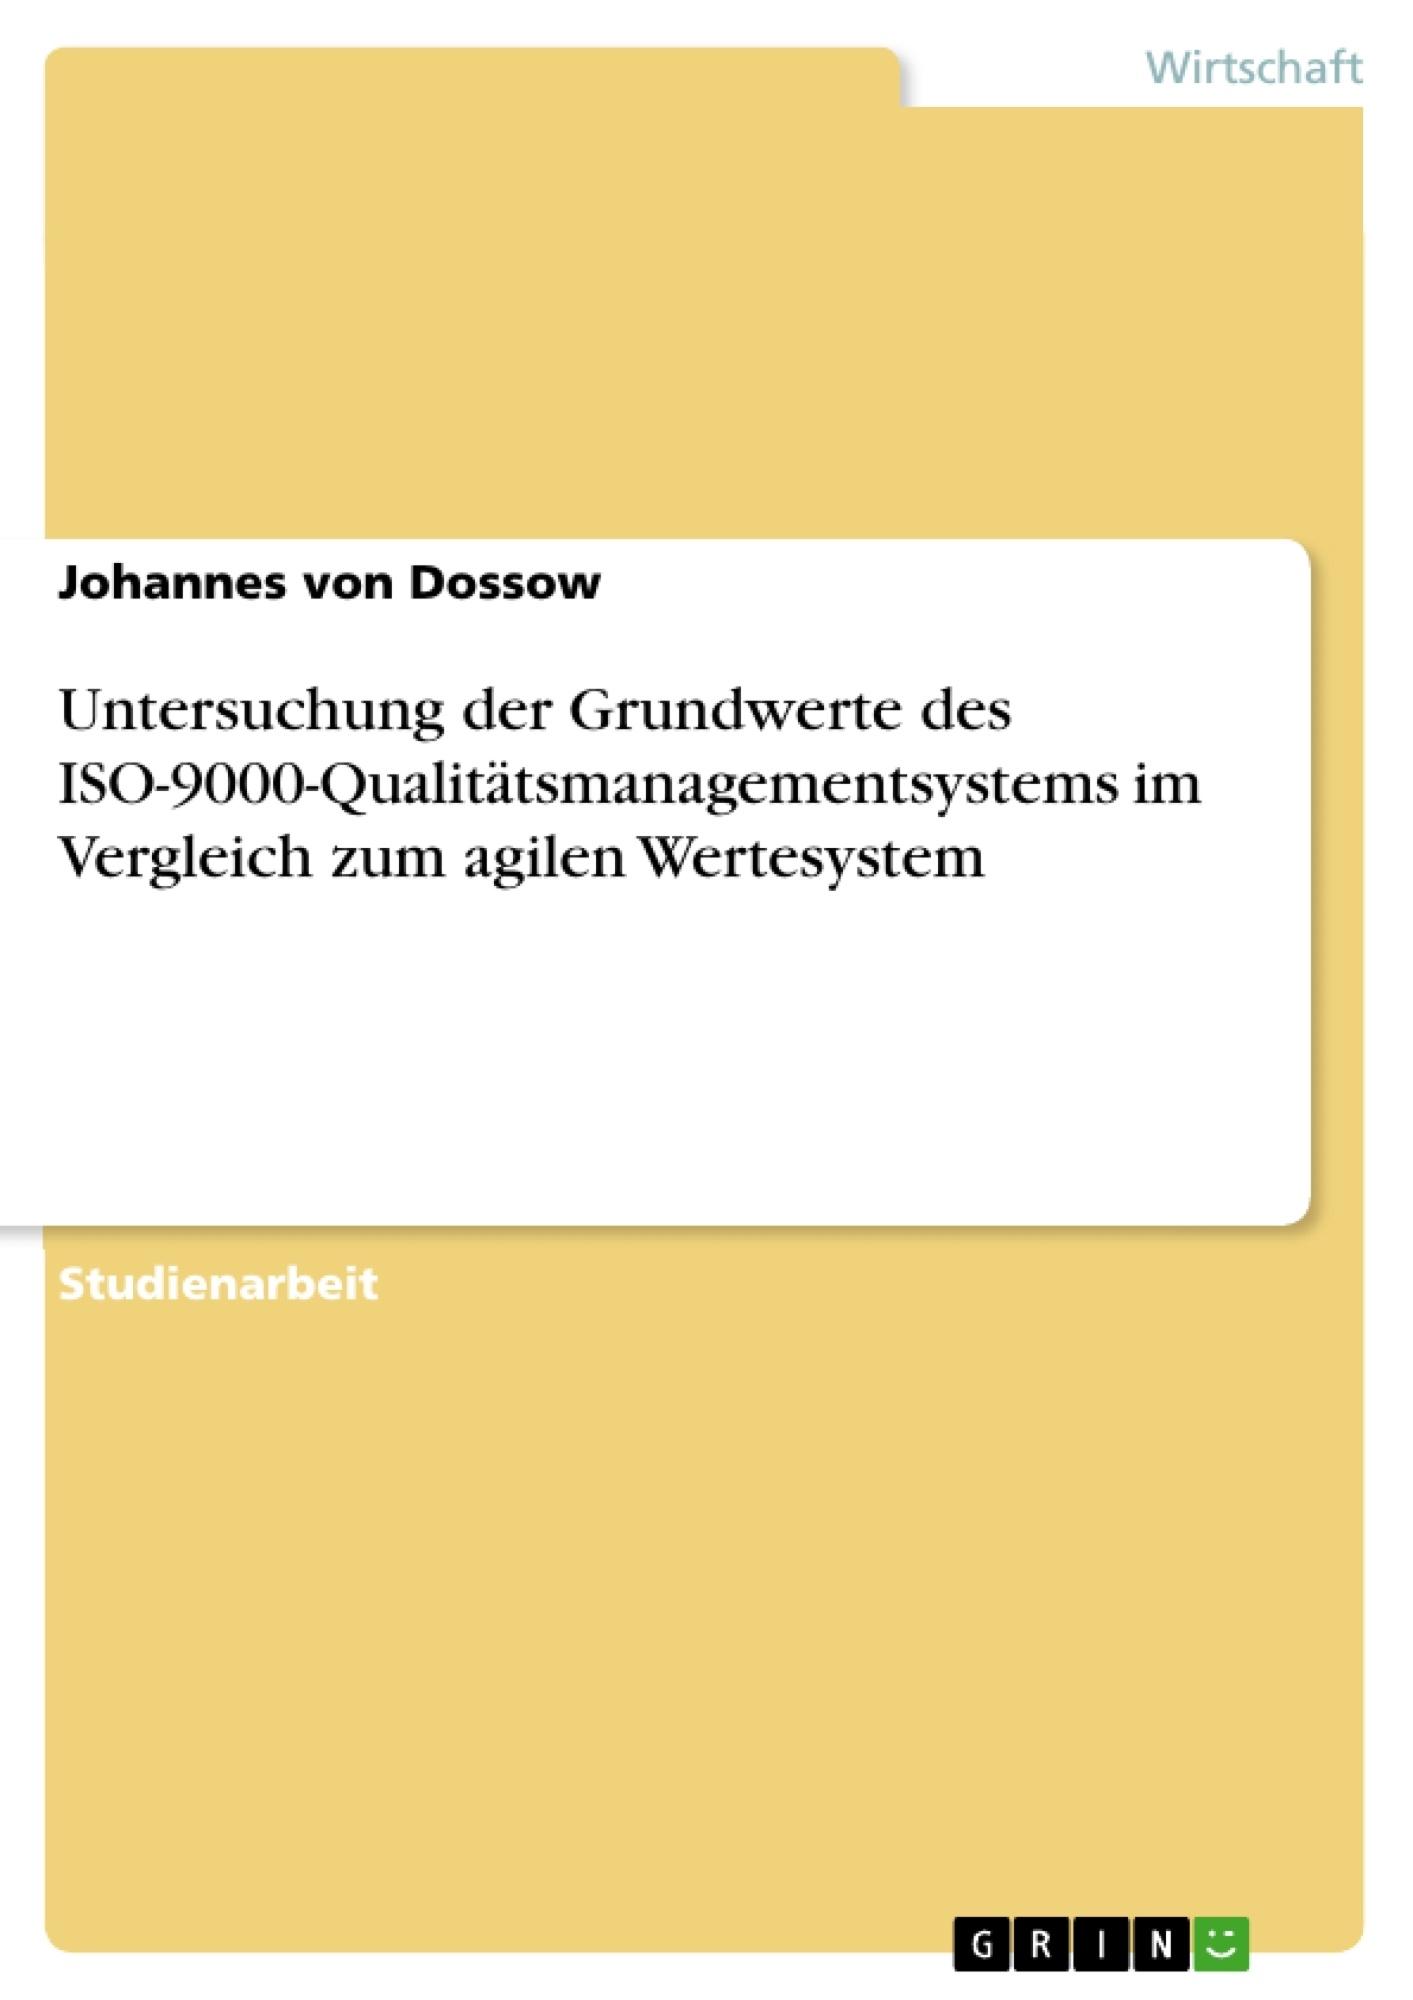 Titel: Untersuchung der Grundwerte des ISO 9000 Qualitätsmanagementsystems im Vergleich zum agilen Wertesystem